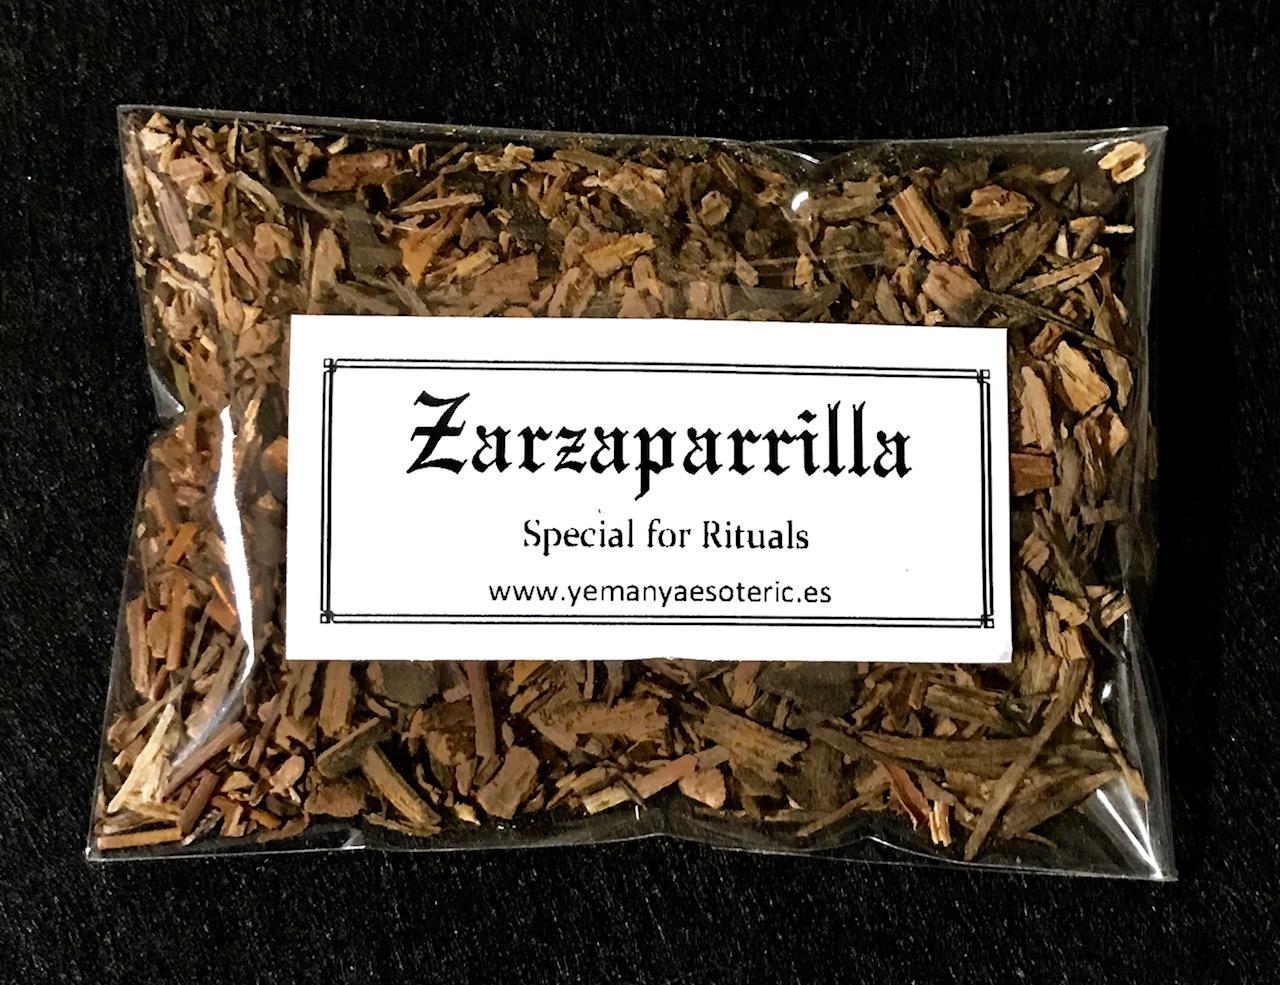 ZARZAPARRILLA RAIZ